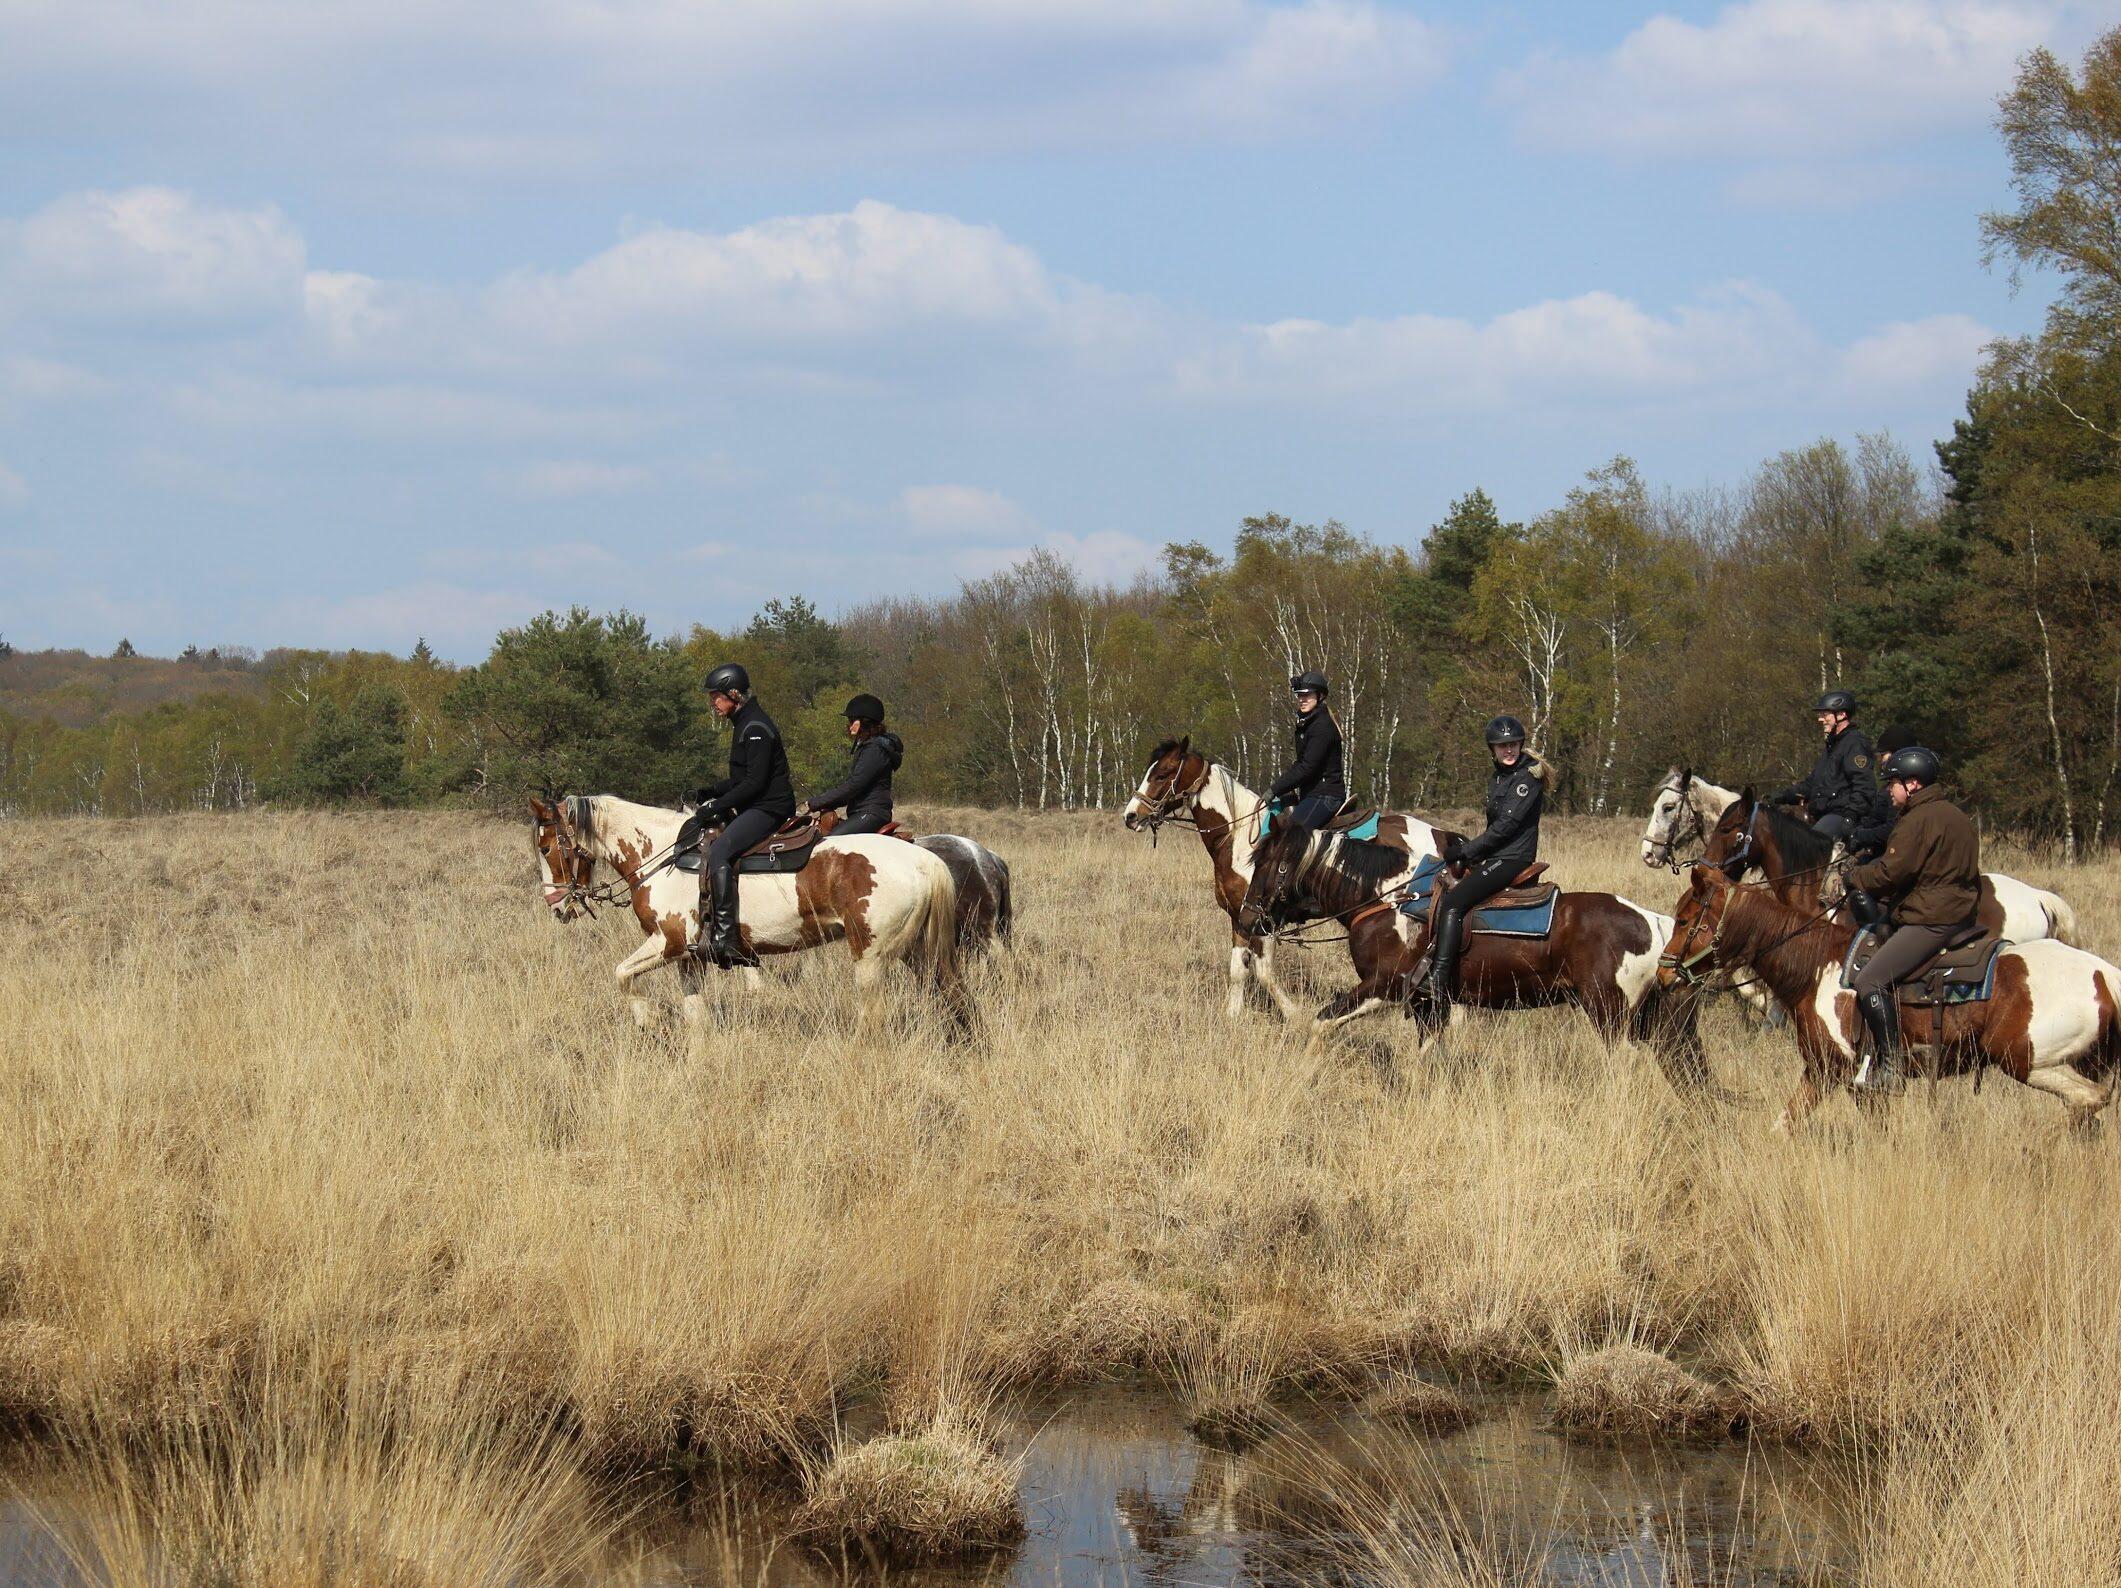 Buitenrijden op de Hoge Veluwe: De dagtocht van The Mill Ranch gaat door het Nationale Park de Hoge Veluwe